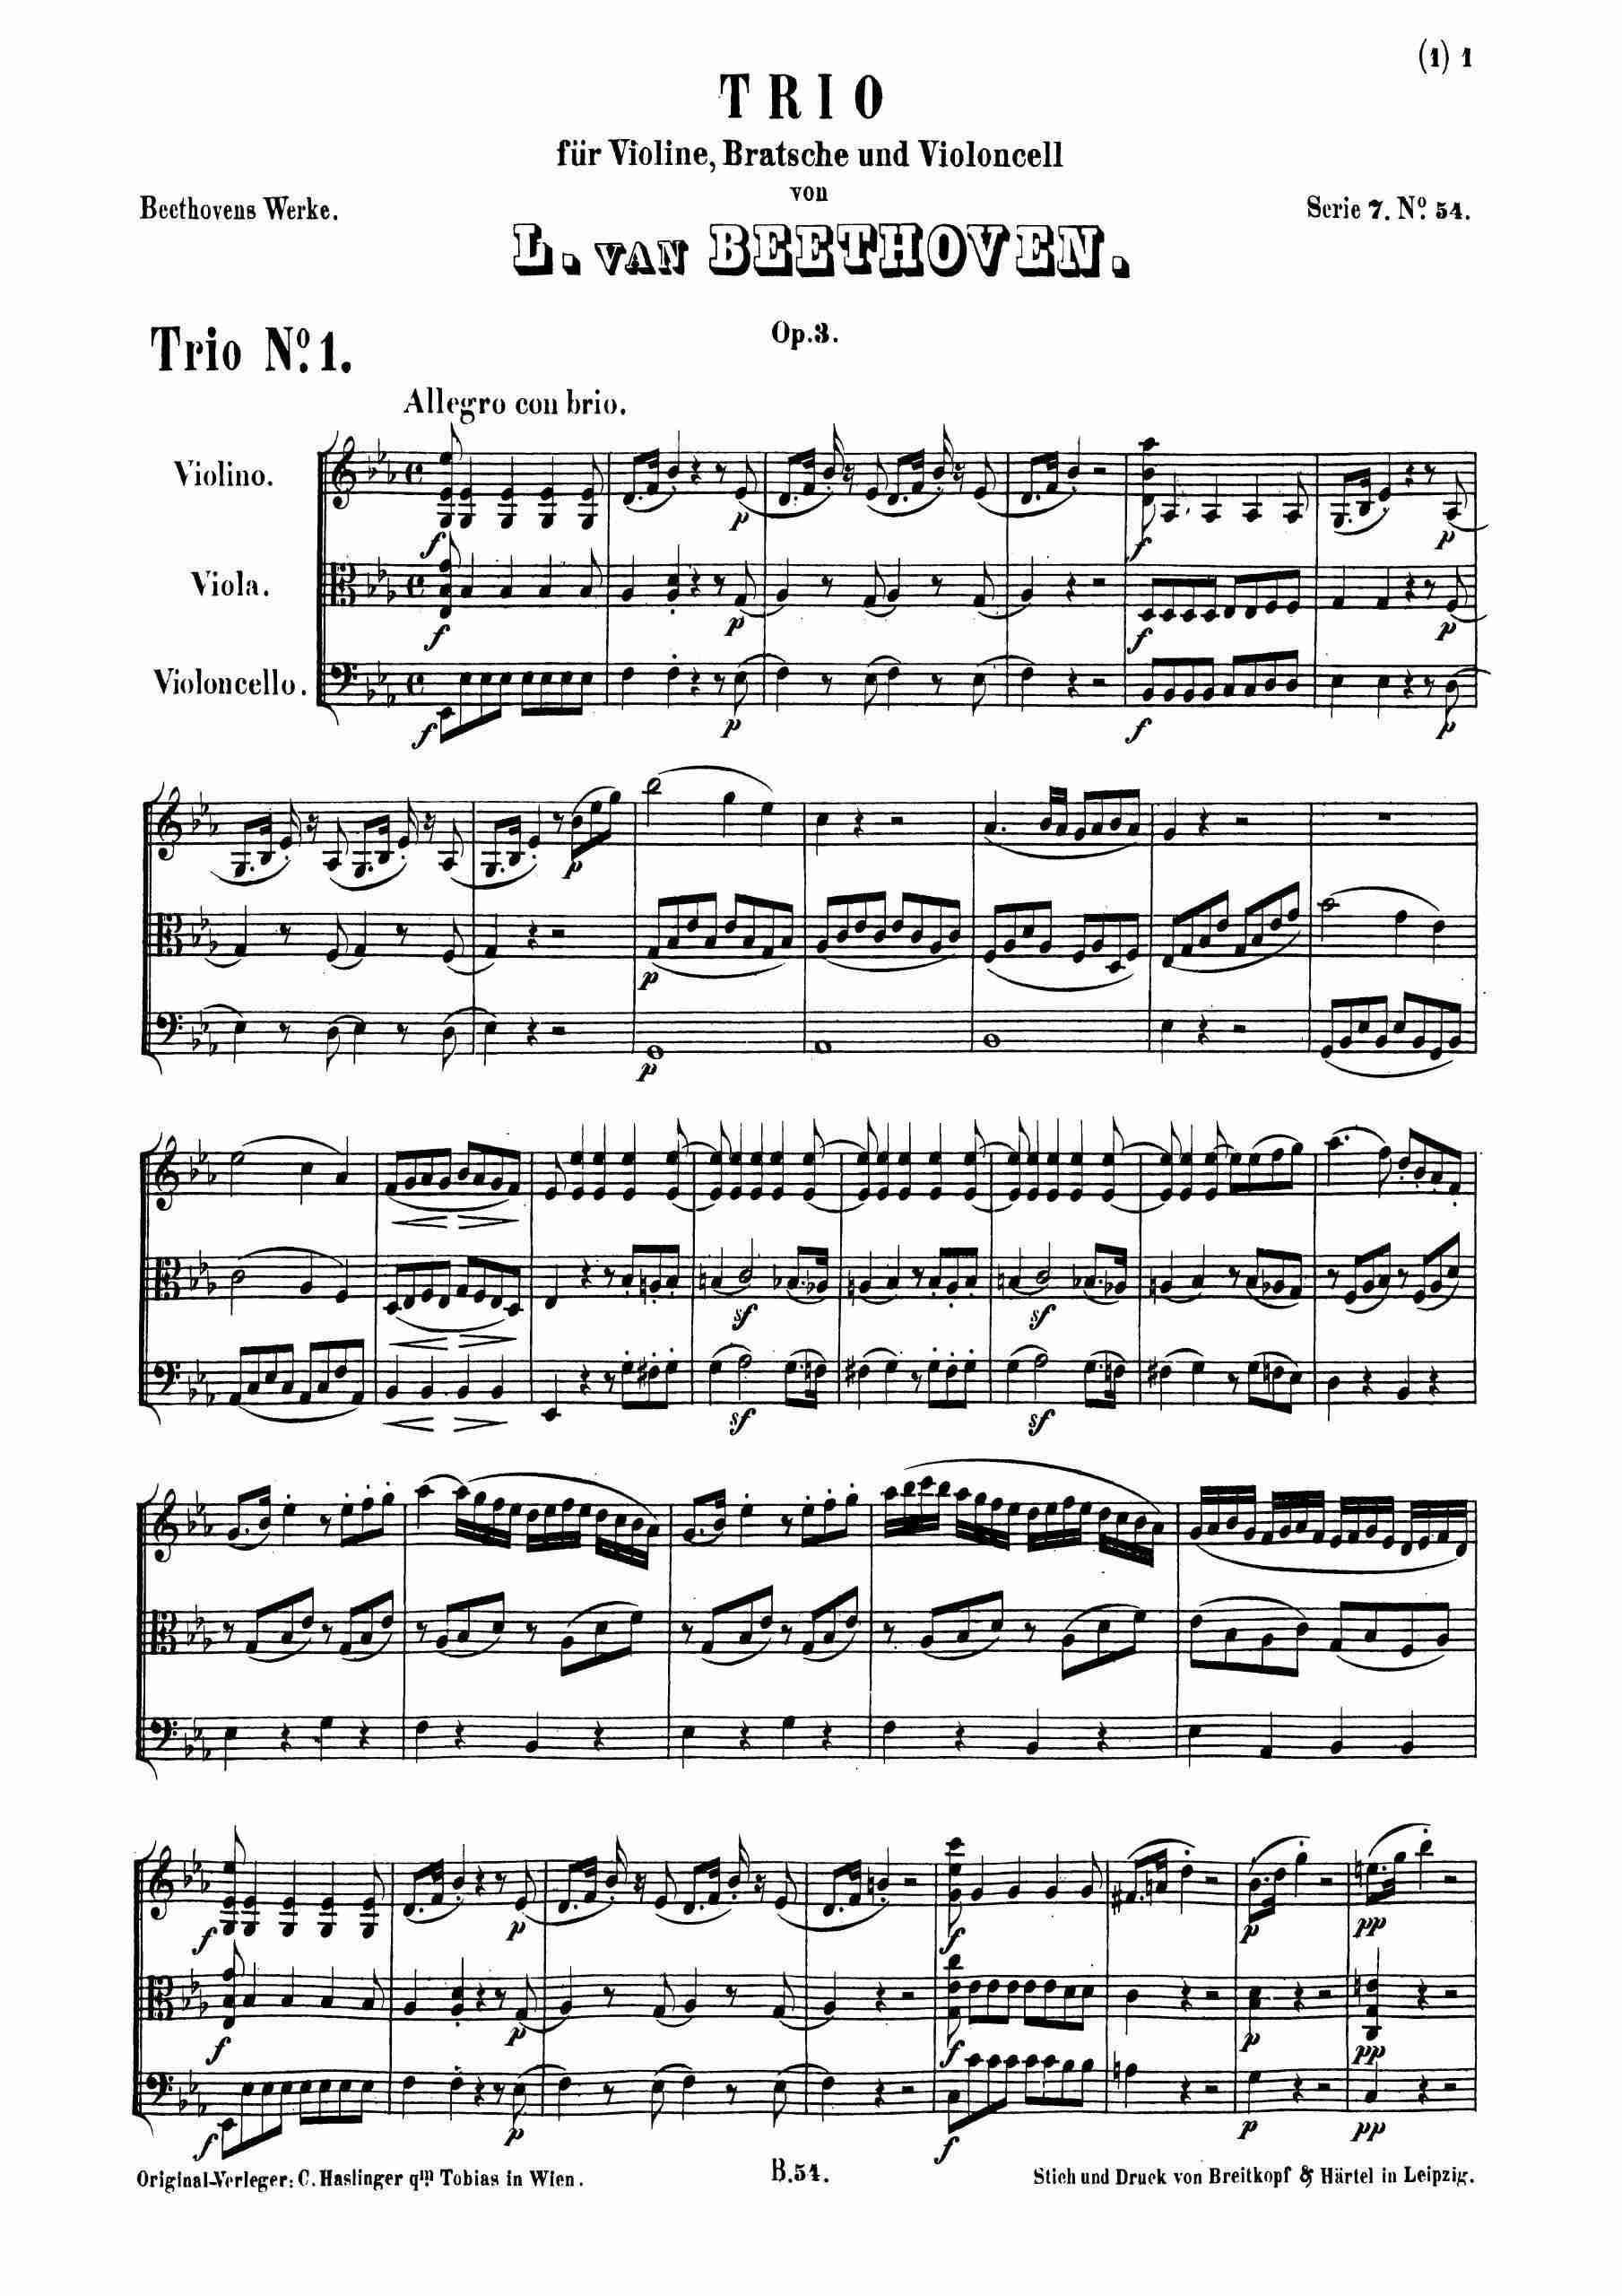 Beethoven, Ludwig van - String Trio in E-flat major, Op.3 (score)